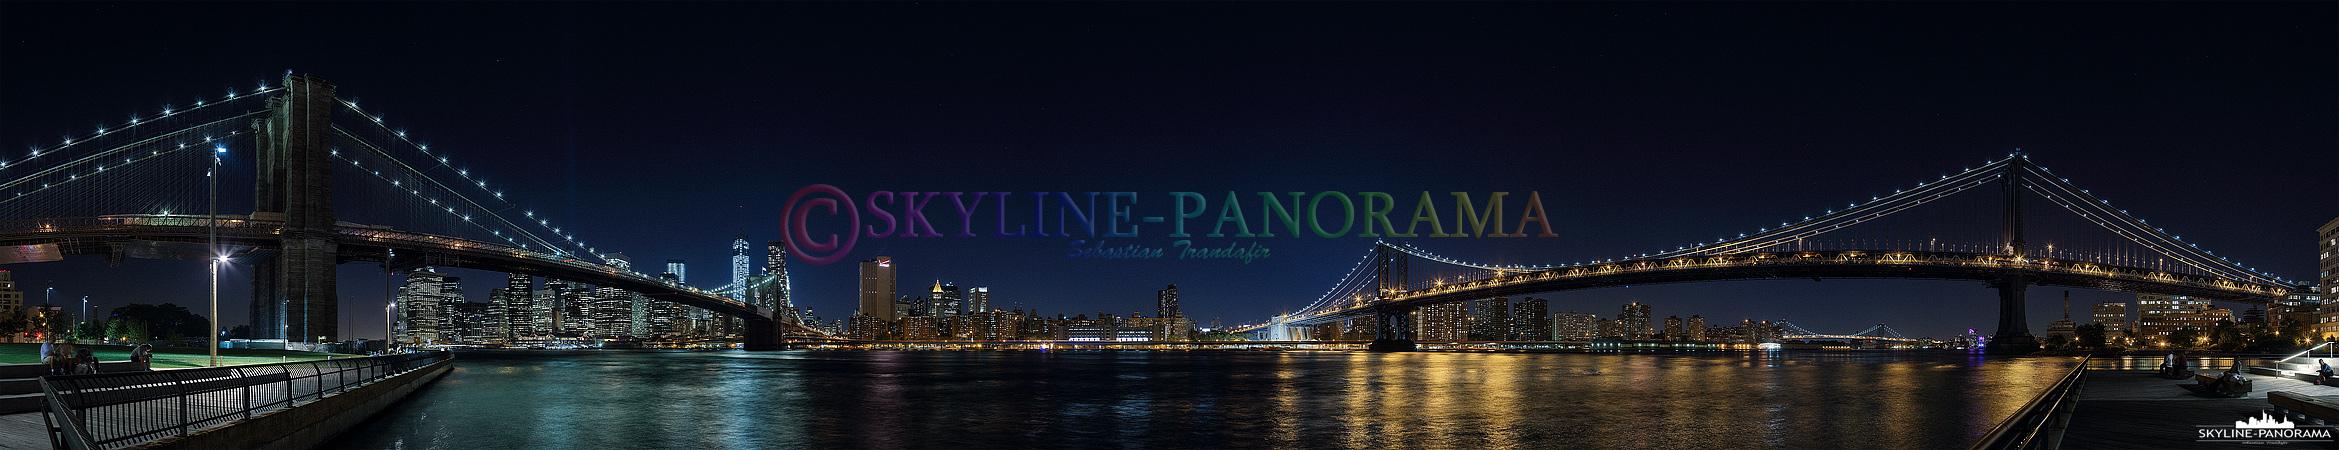 Panorama NYC - Das nächtliche Panorama vom Empire Fulton Ferry State Park in Brooklyn auf die beleuchtete Skyline von Downtown Manhattan und die schön illuminierte Brooklyn Bridge und Manhattan Bridge.